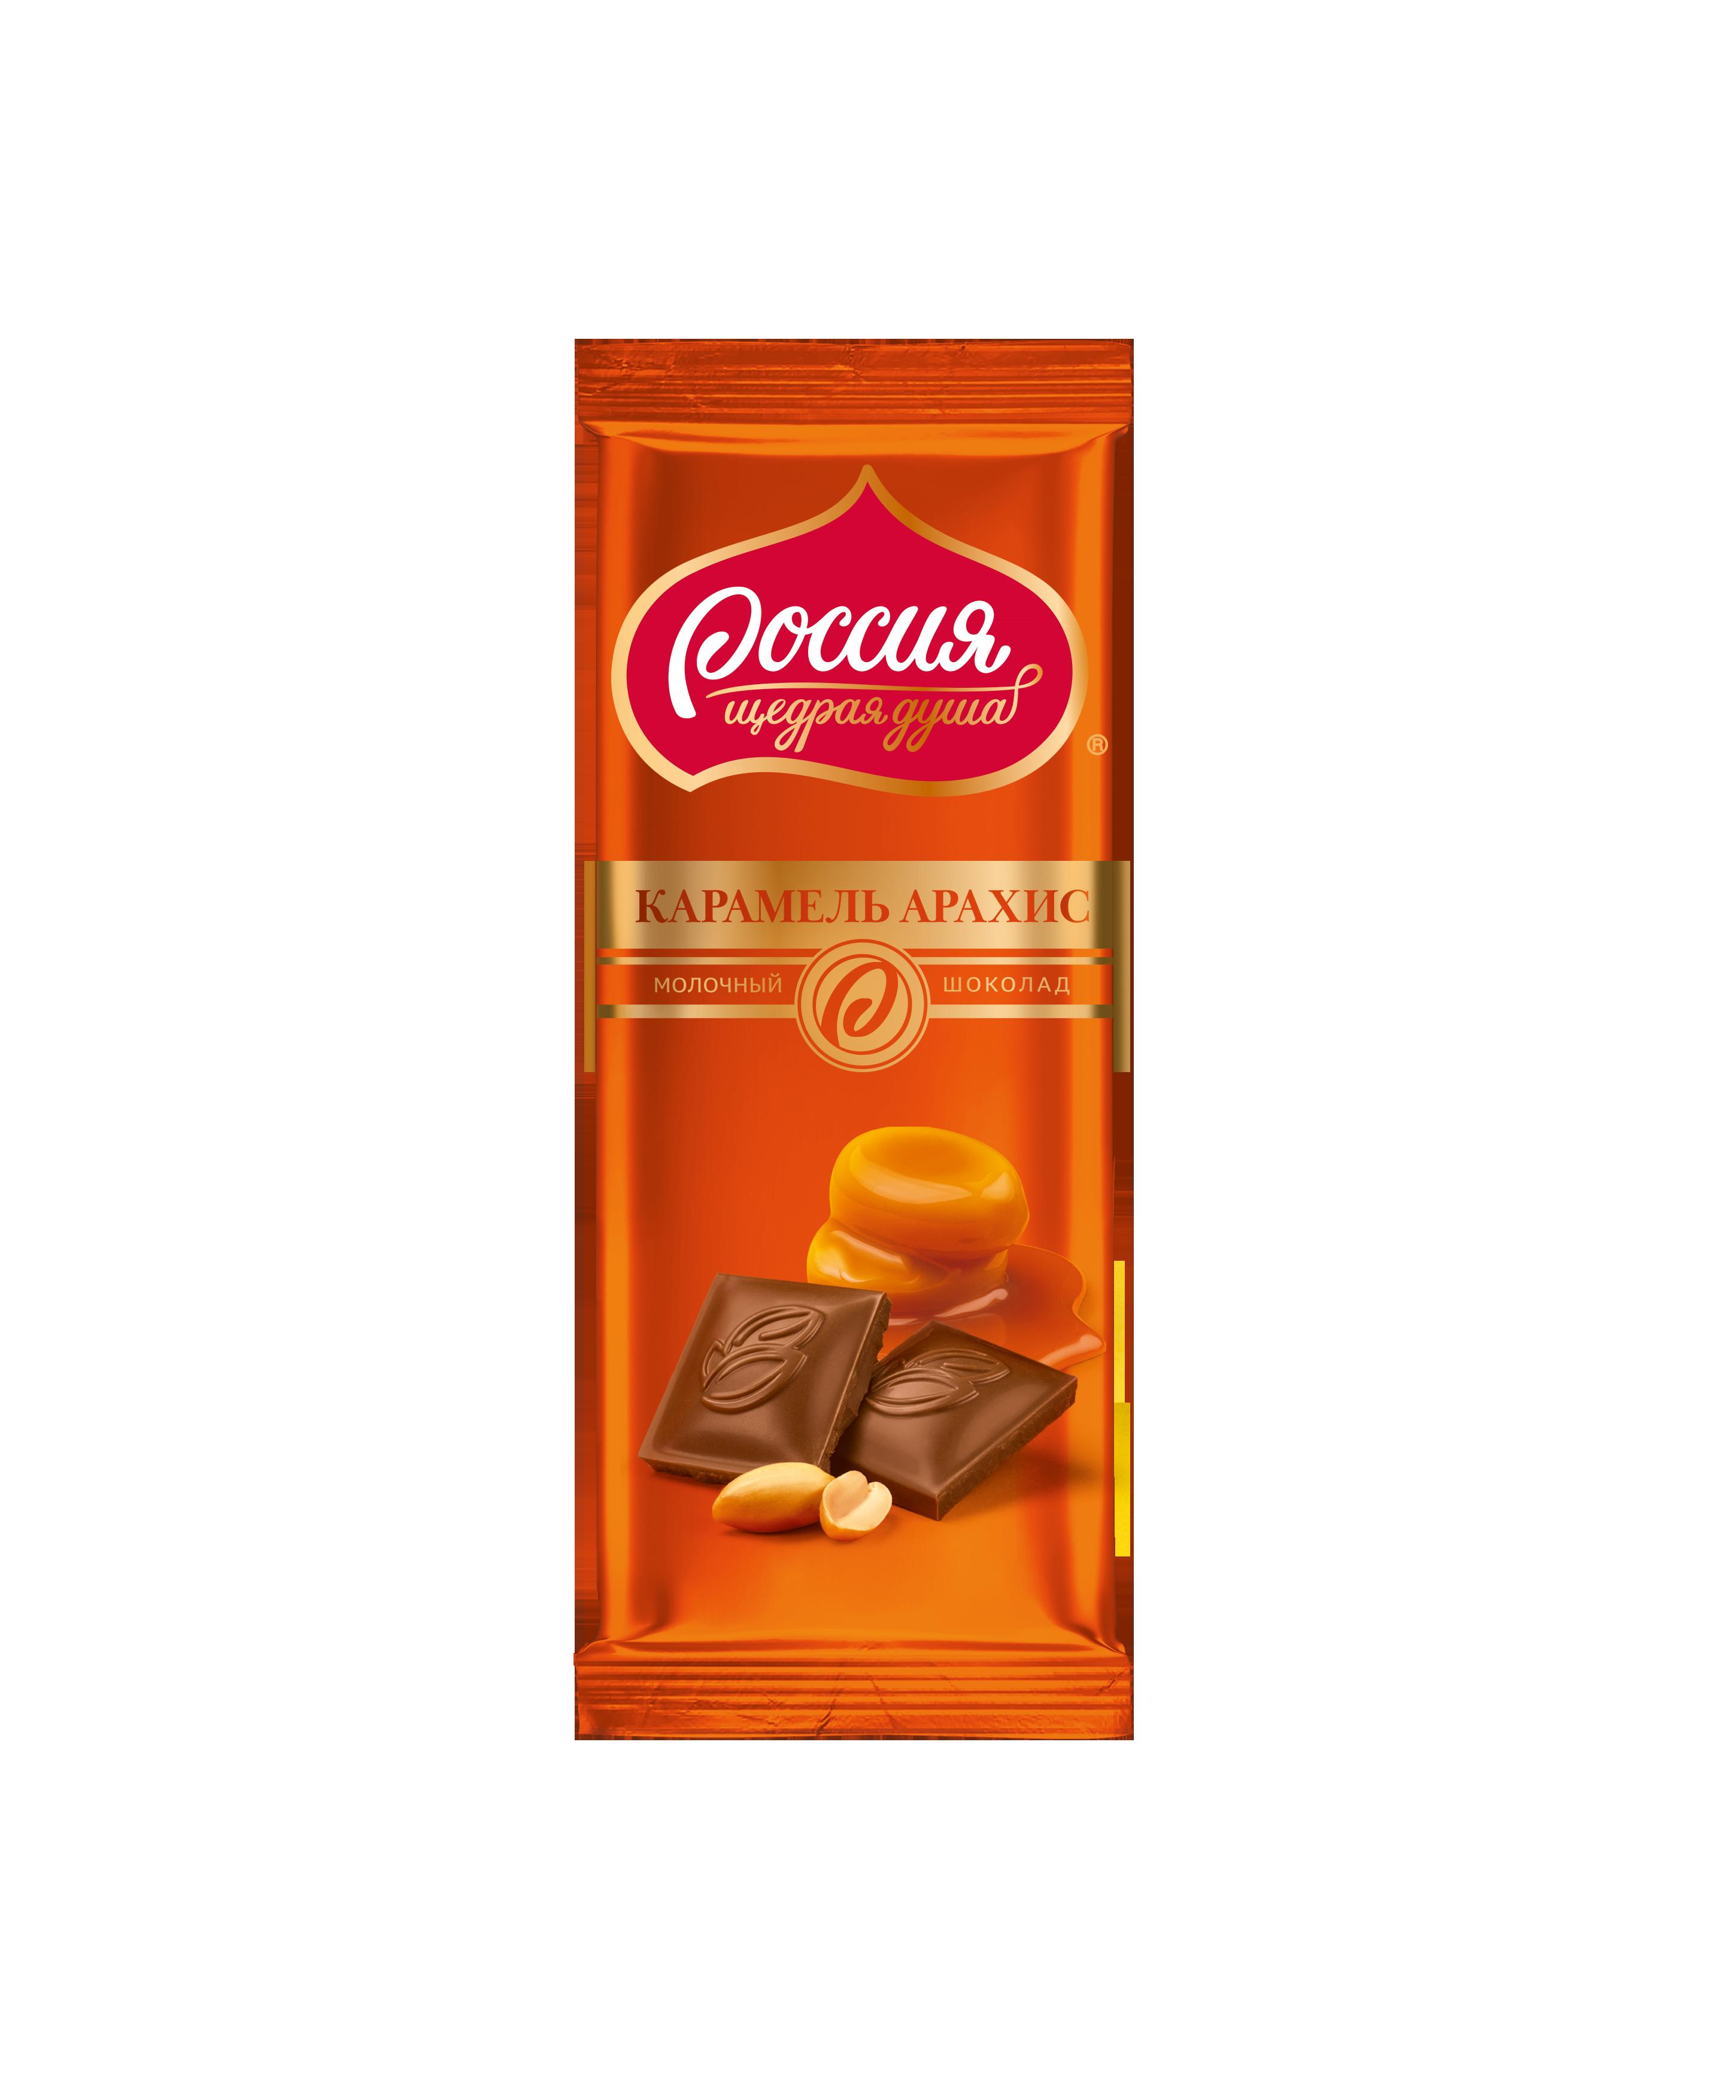 Шоколад молочный Россия щедрая душа карамель-арахис 90 г